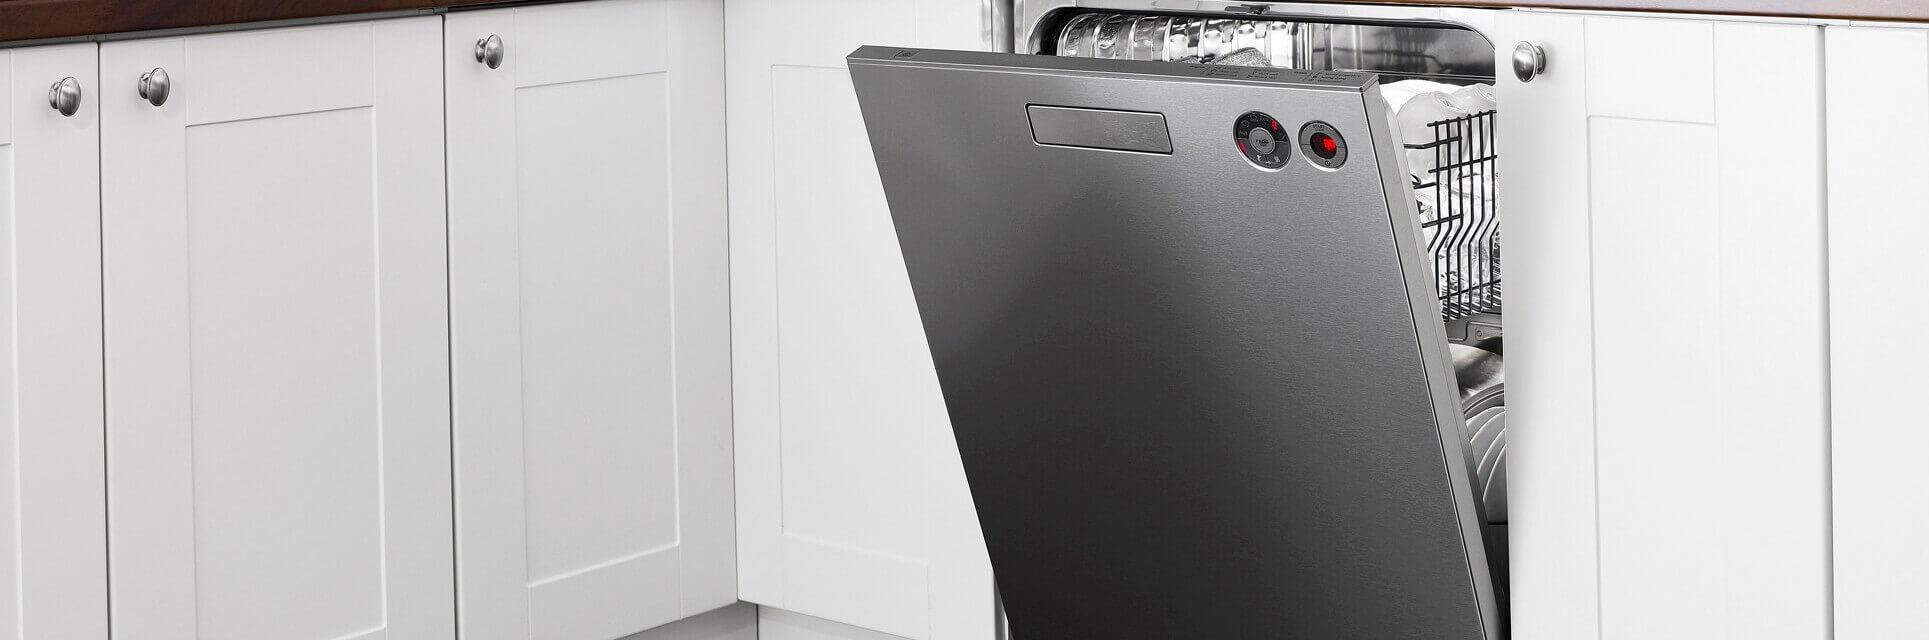 Servicio técnico lavavajillas indesit